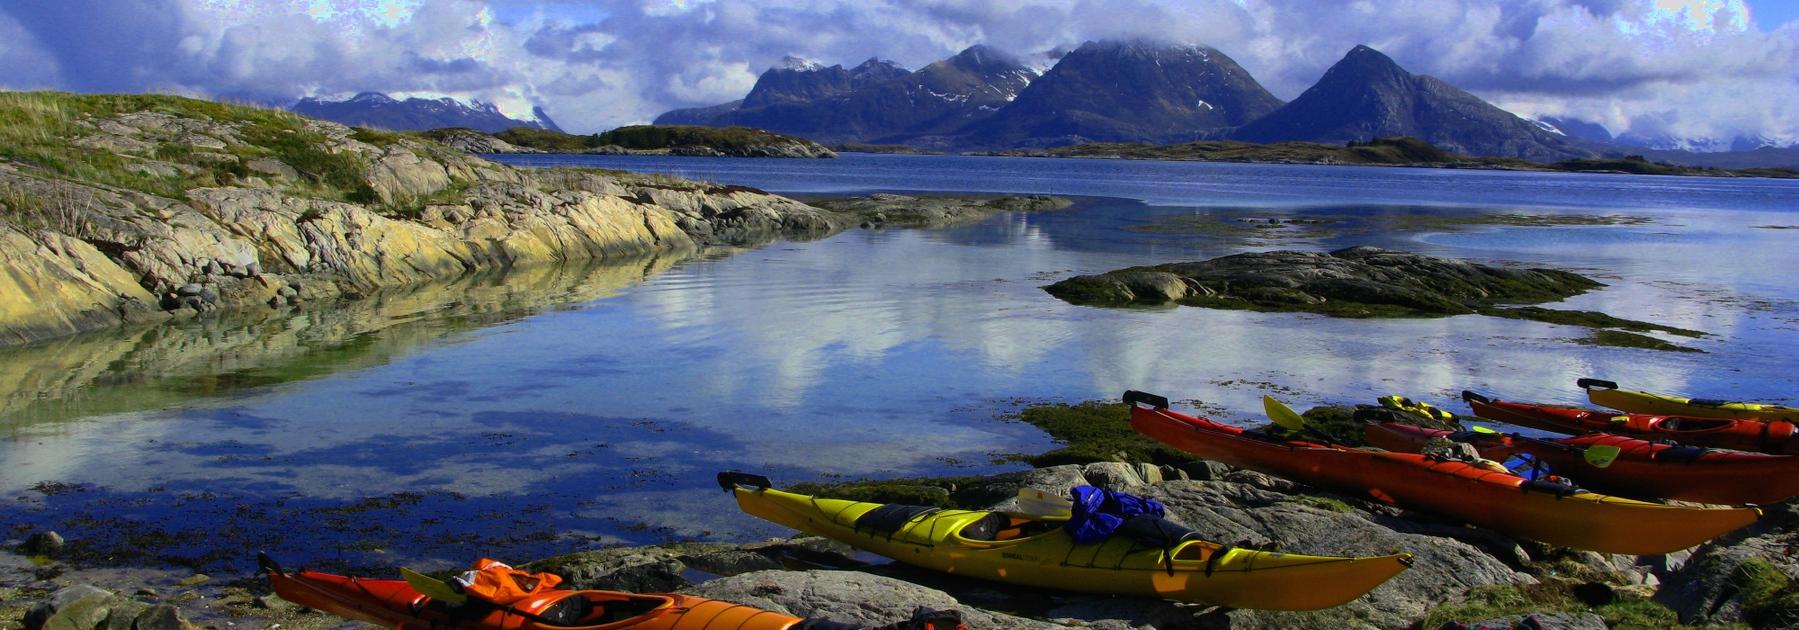 Norway kayak 3.jpg